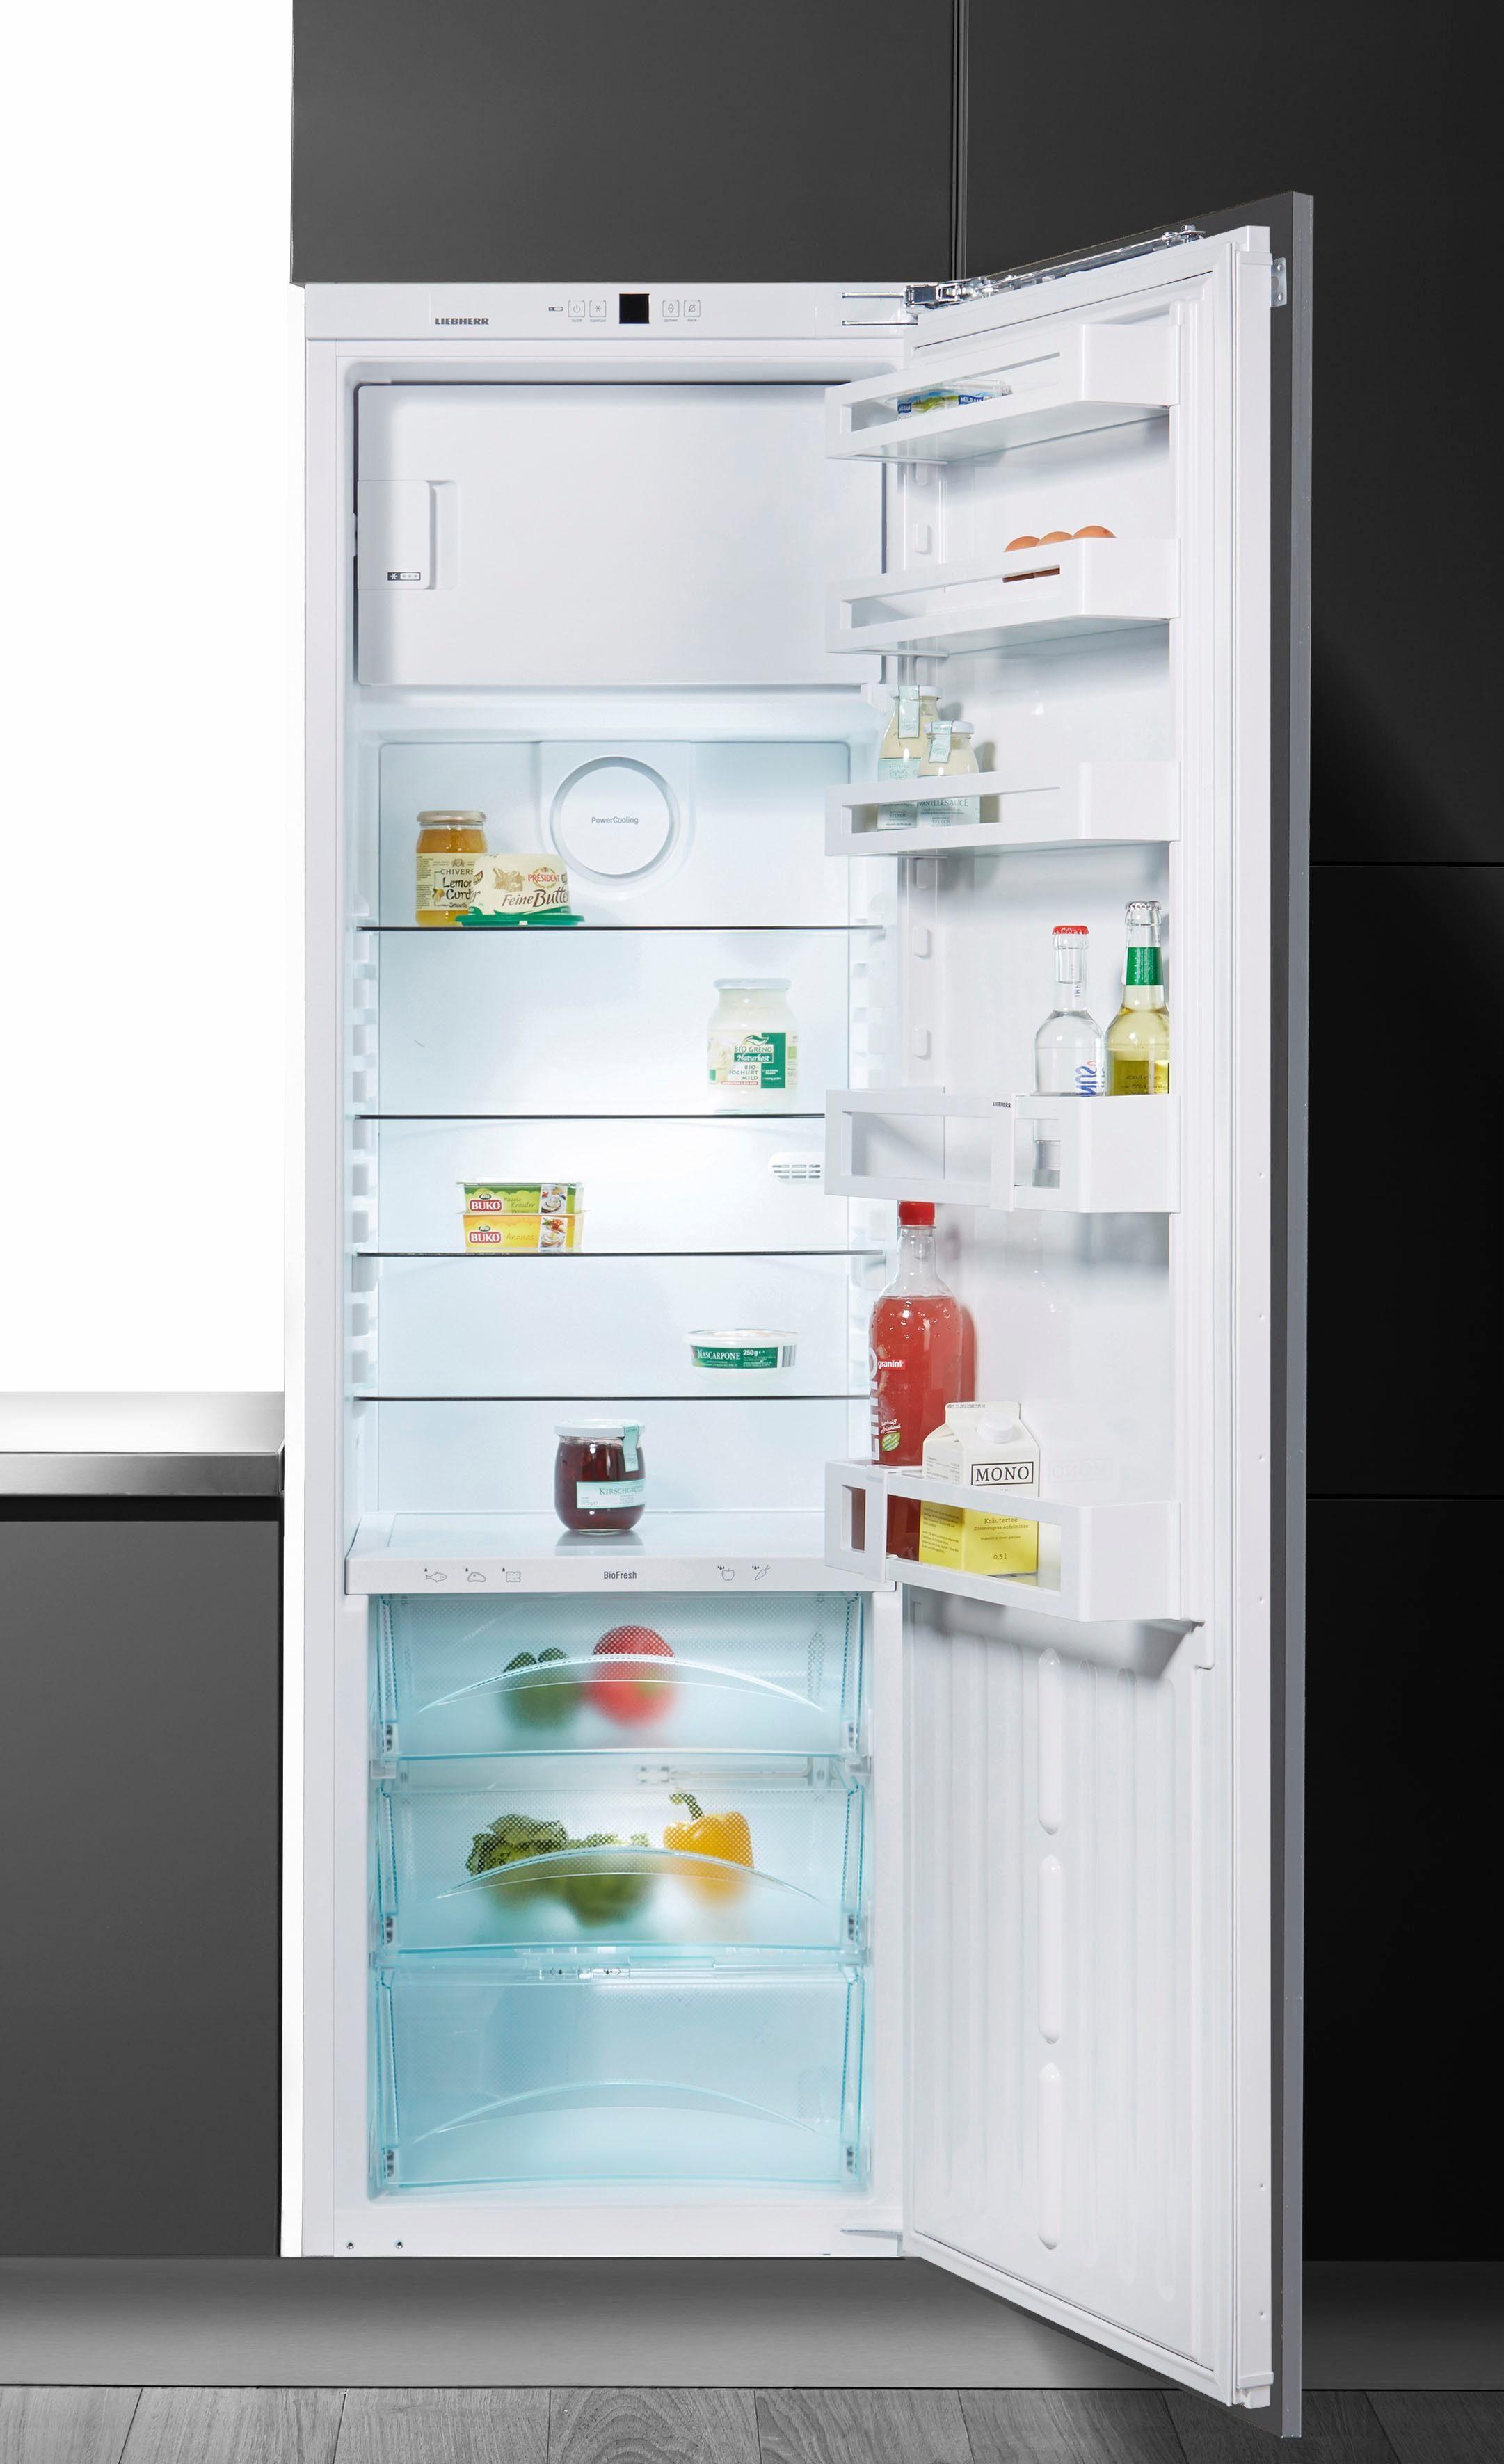 Liebherr Einbaukühlgefrierkombination IKBP3524-20, 177 cm hoch, 54,5 cm breit, Energieeffizienzklasse: A+++, 177 cm hoch, BioFresh